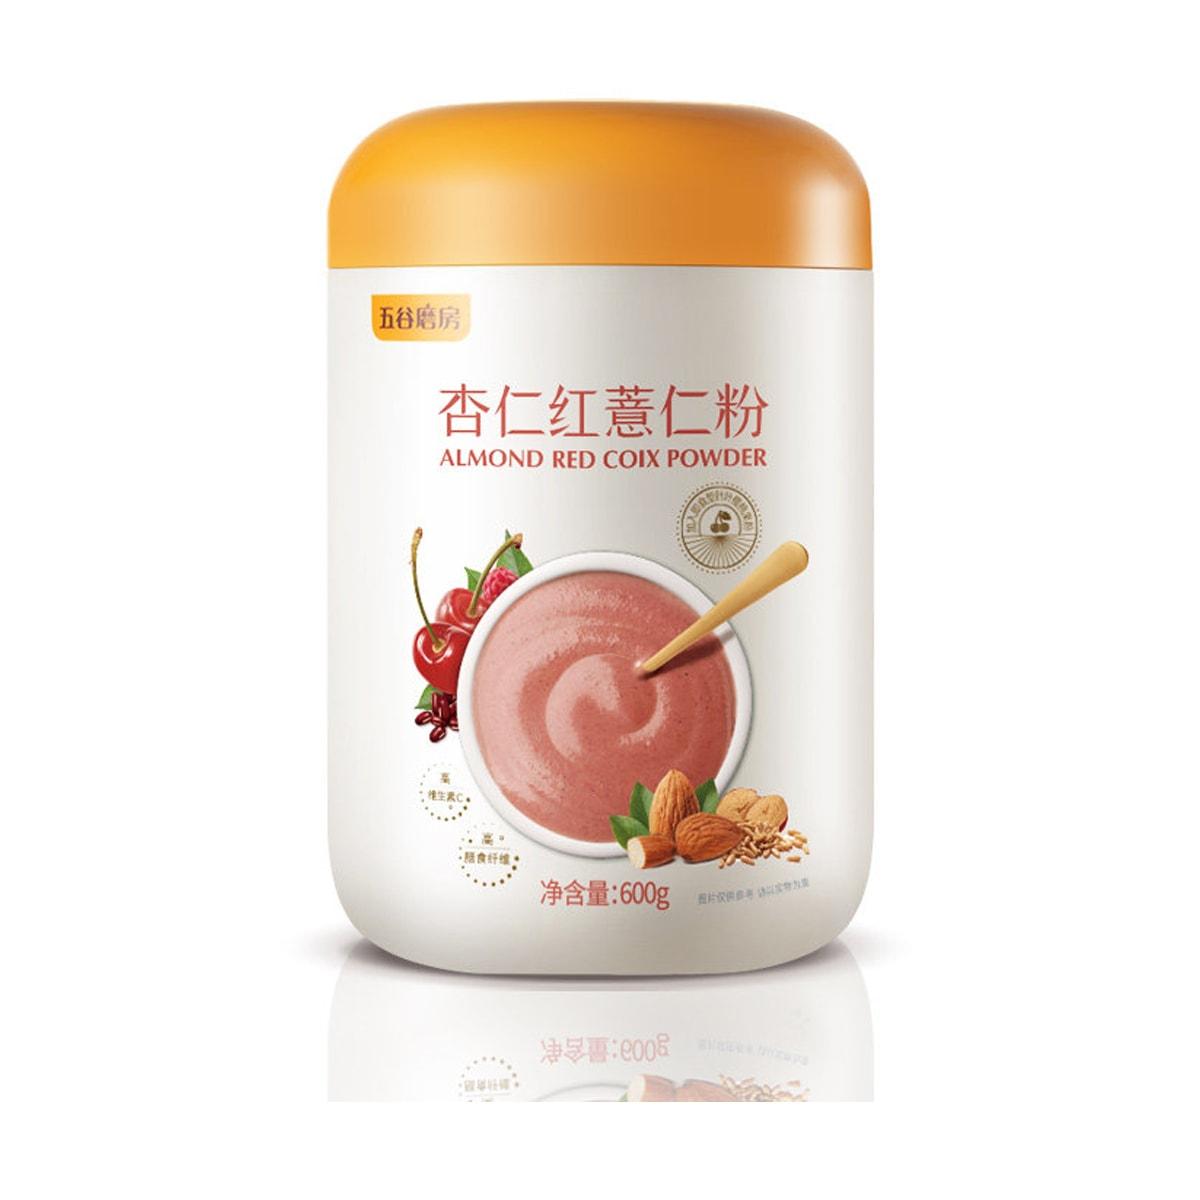 五谷磨房 杏仁红薏仁粉 600g 怎么样 - 亚米网